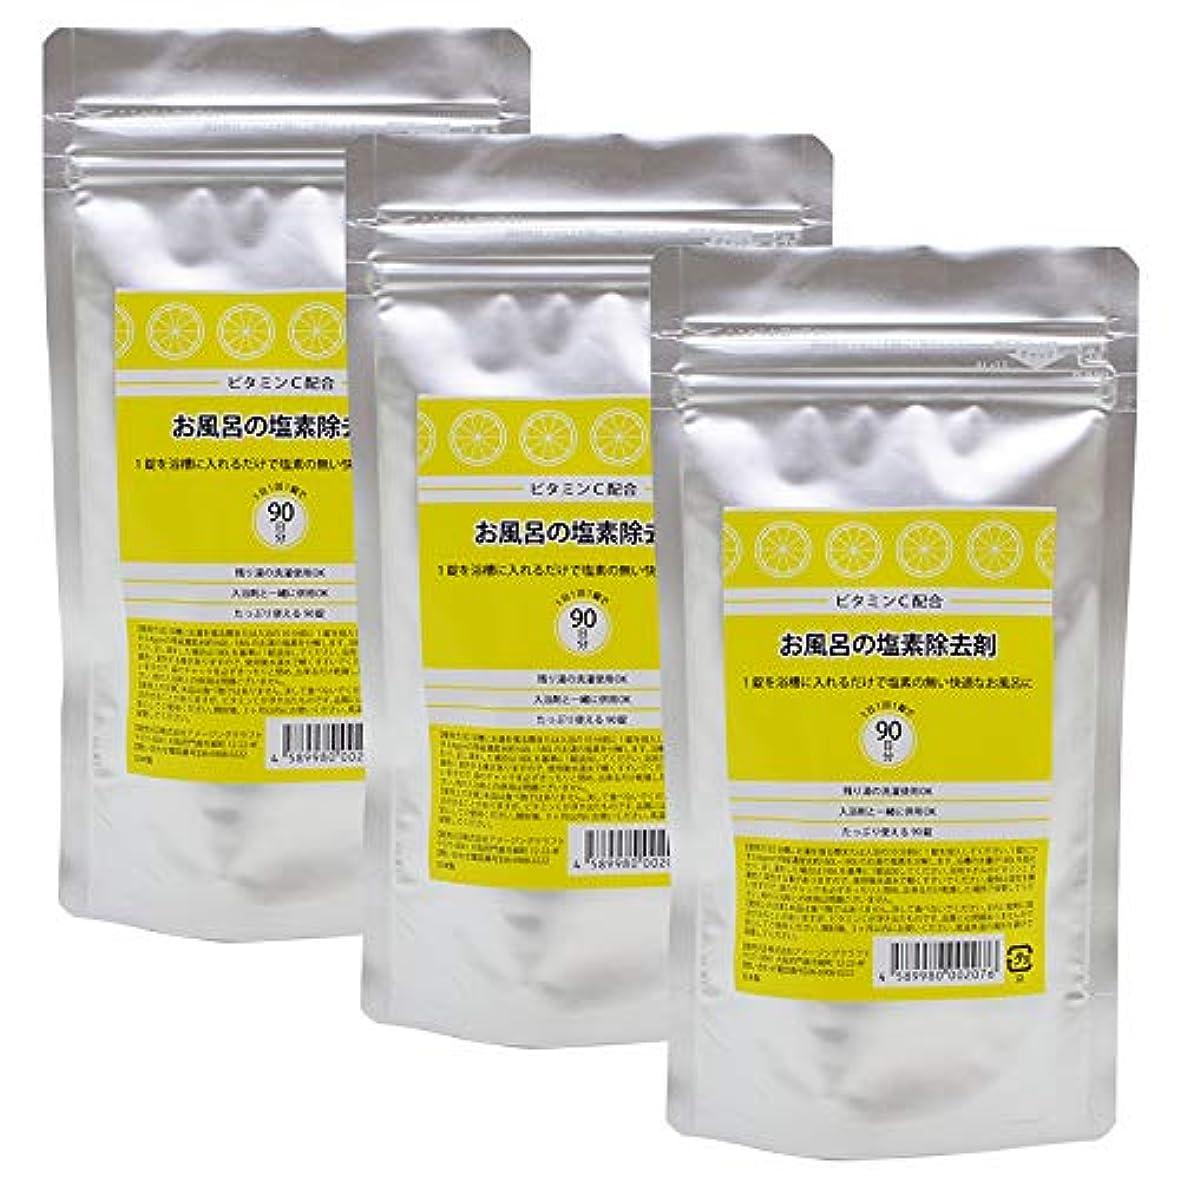 墓繁殖保存ビタミンC配合 お風呂の塩素除去剤 錠剤タイプ 90錠 3個セット 浴槽用脱塩素剤